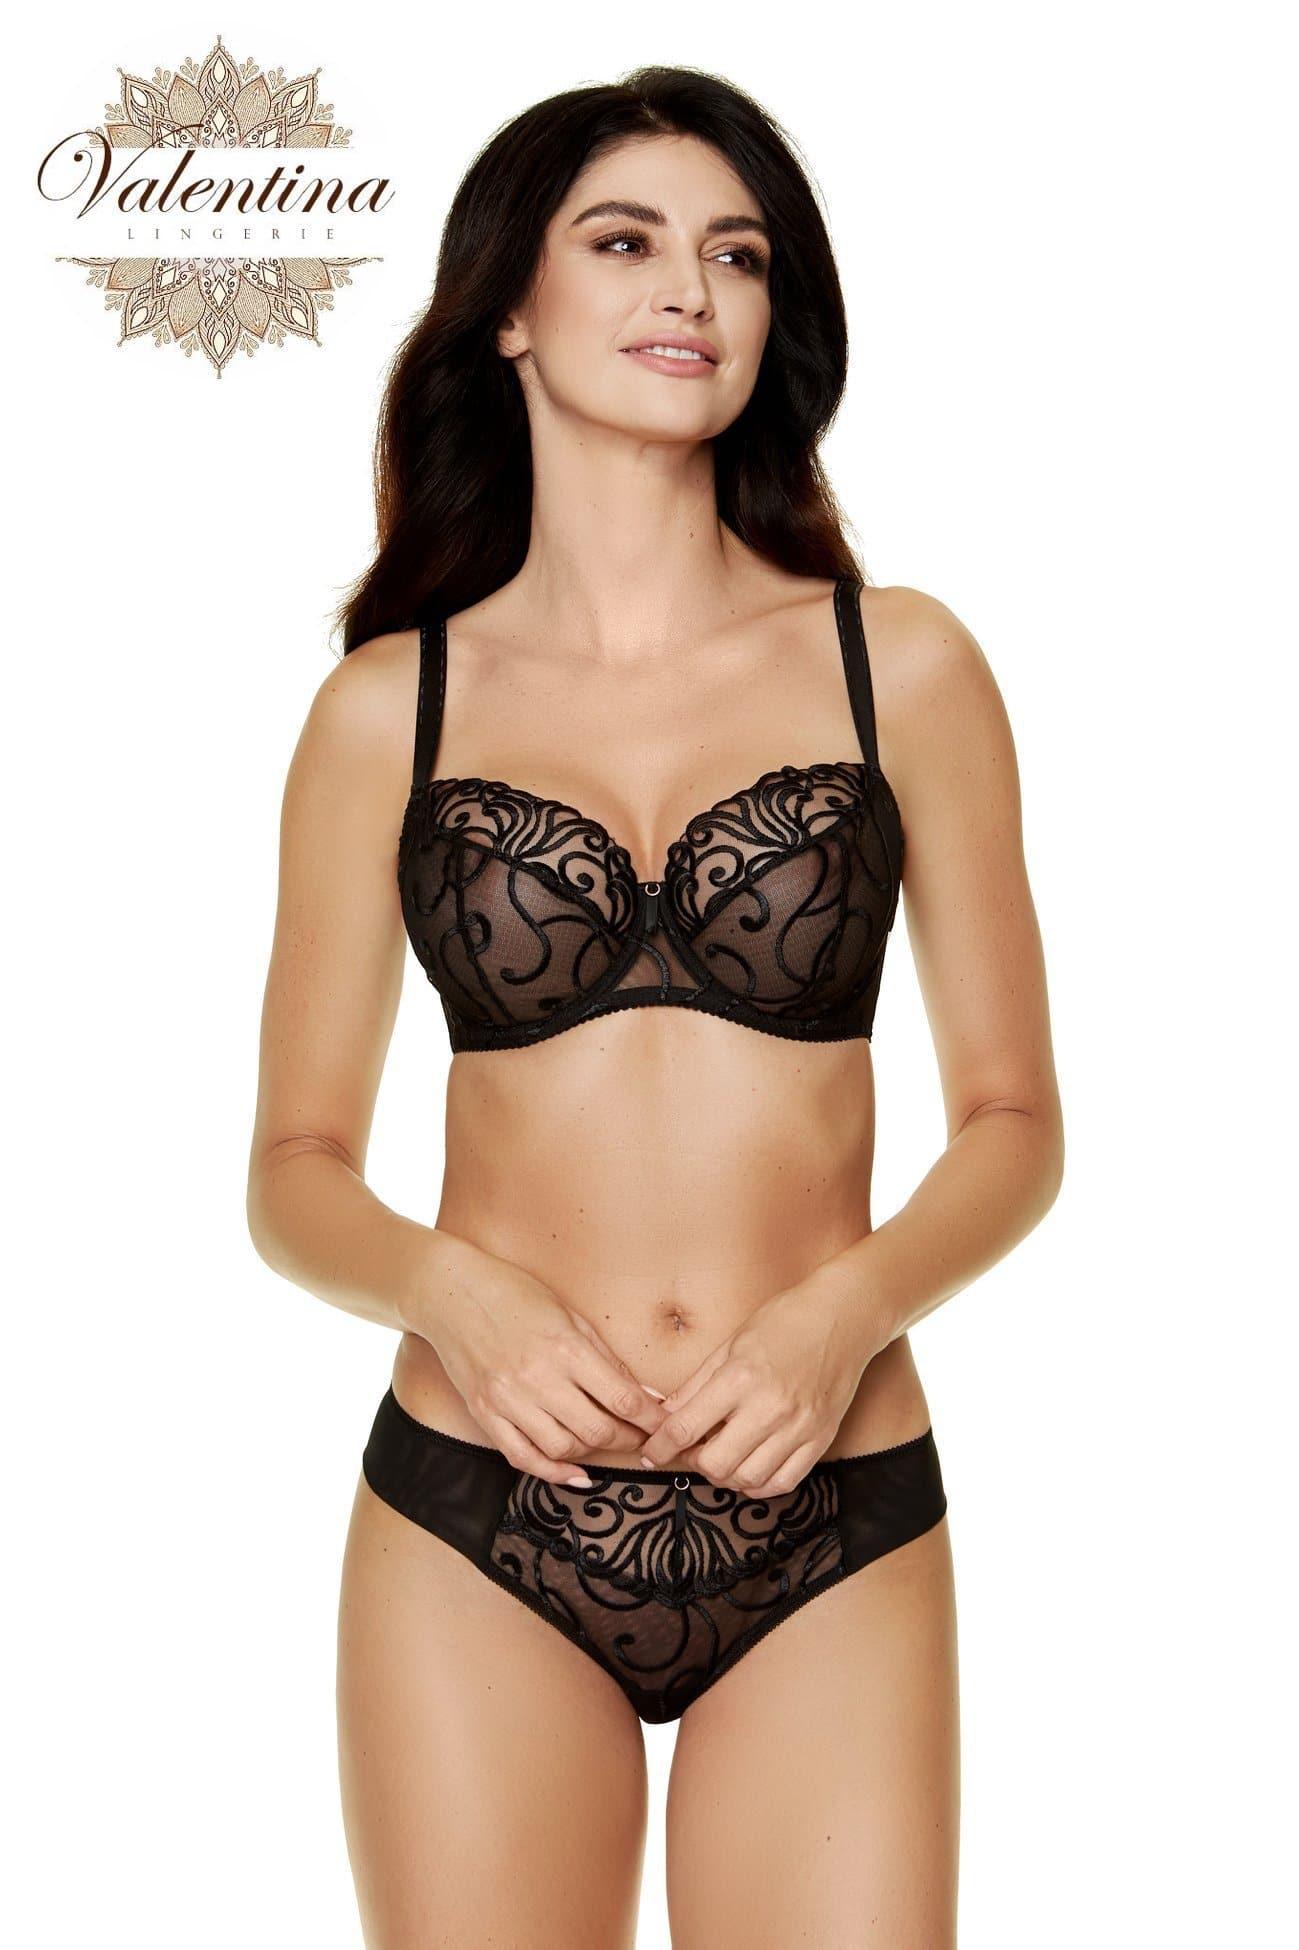 soutien gorge armatures dentelle valentina lingerie noir